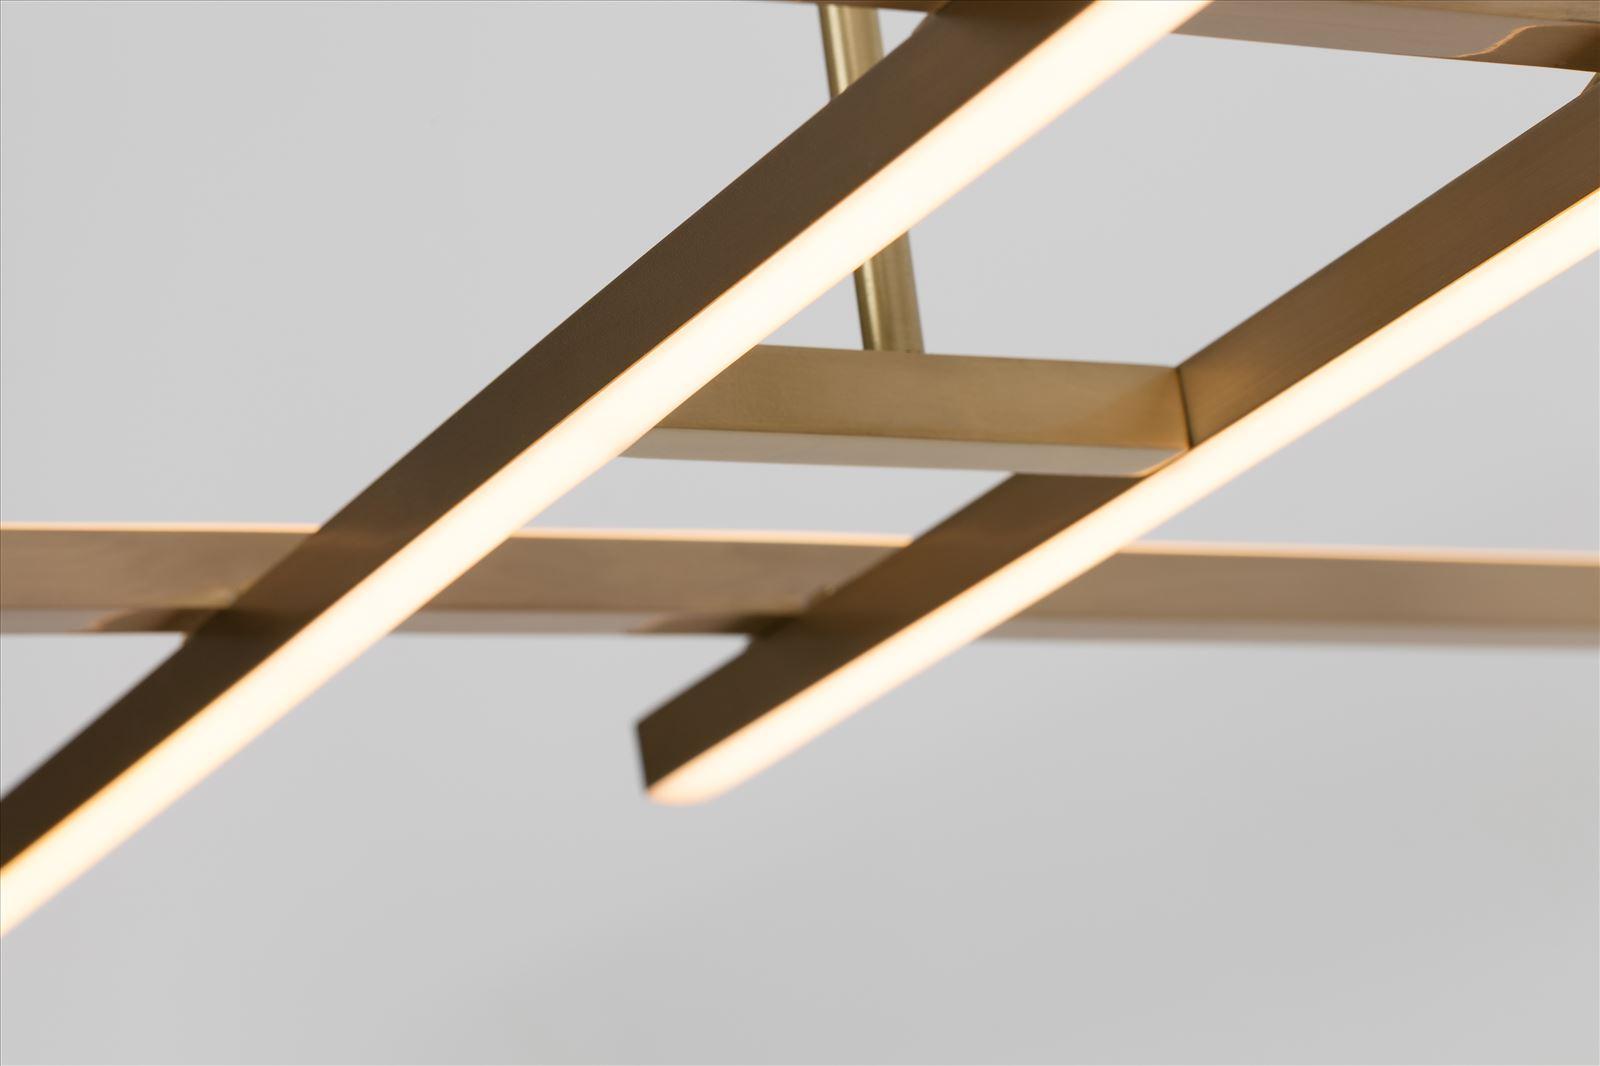 גופי תאורה בייצור מיוחד -